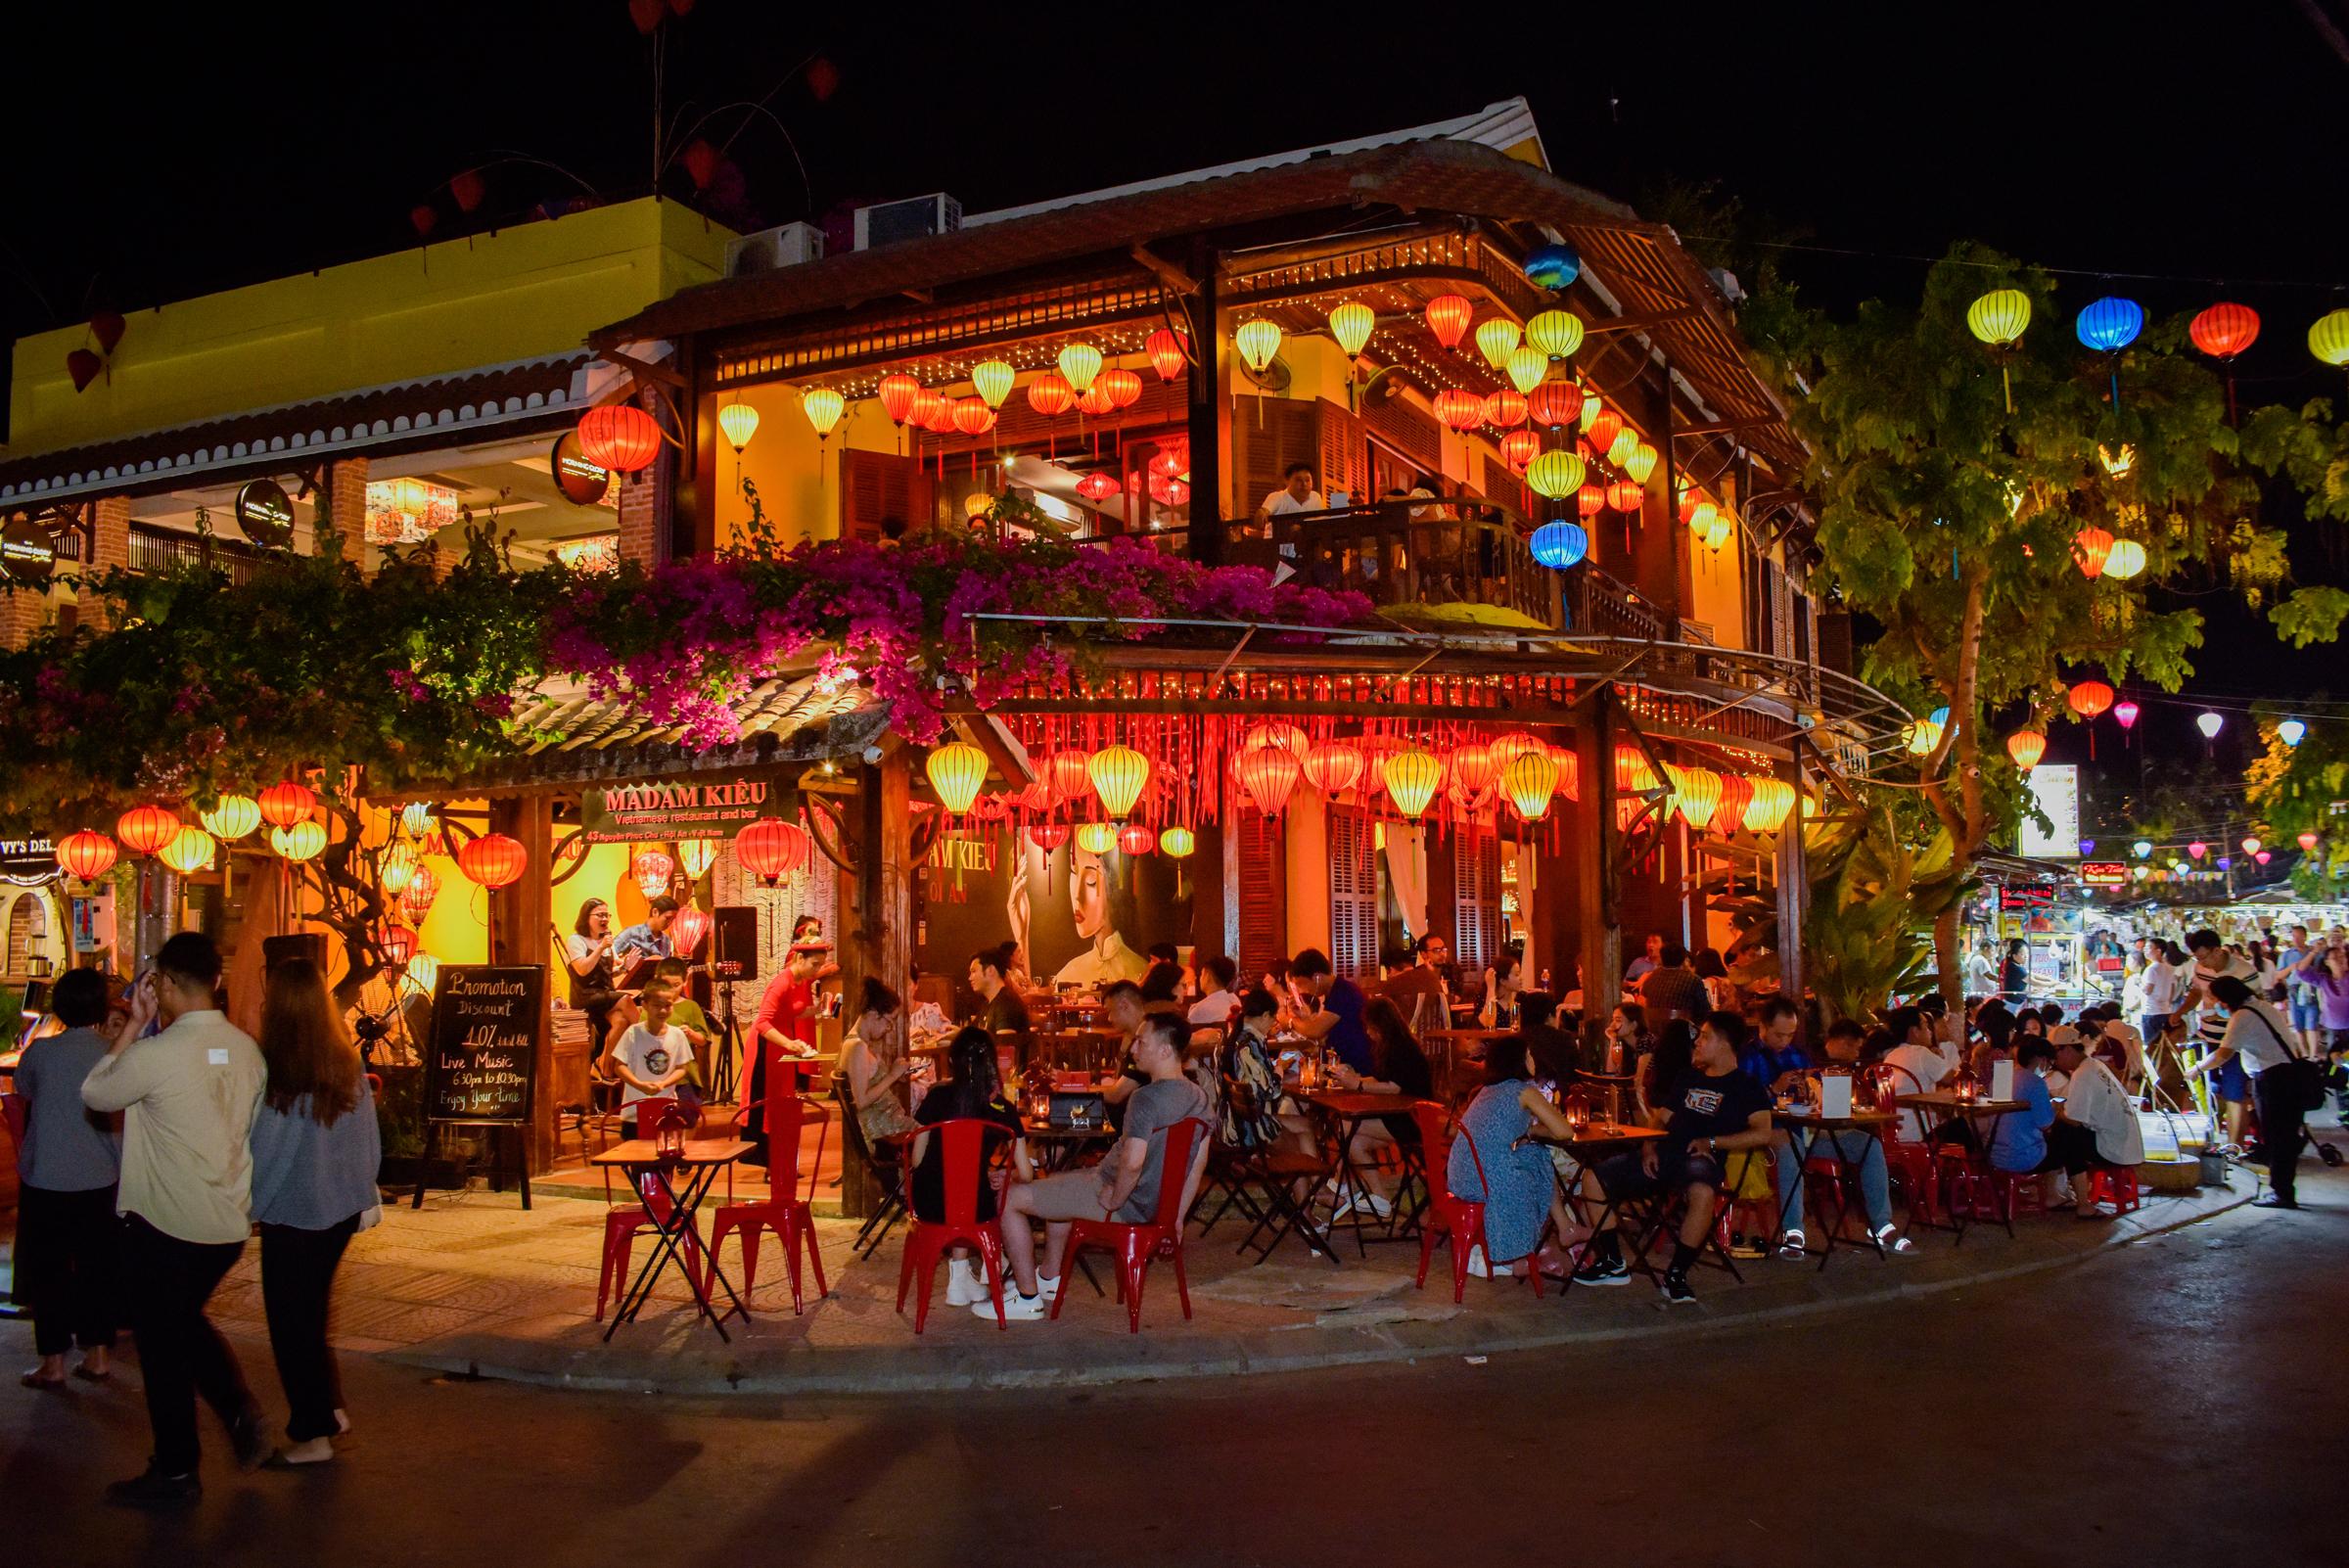 Madam Kiều tọa lạc trên đường Nguyễn Phúc Chu, nằm ngay khu chợ đêm sầm suất.